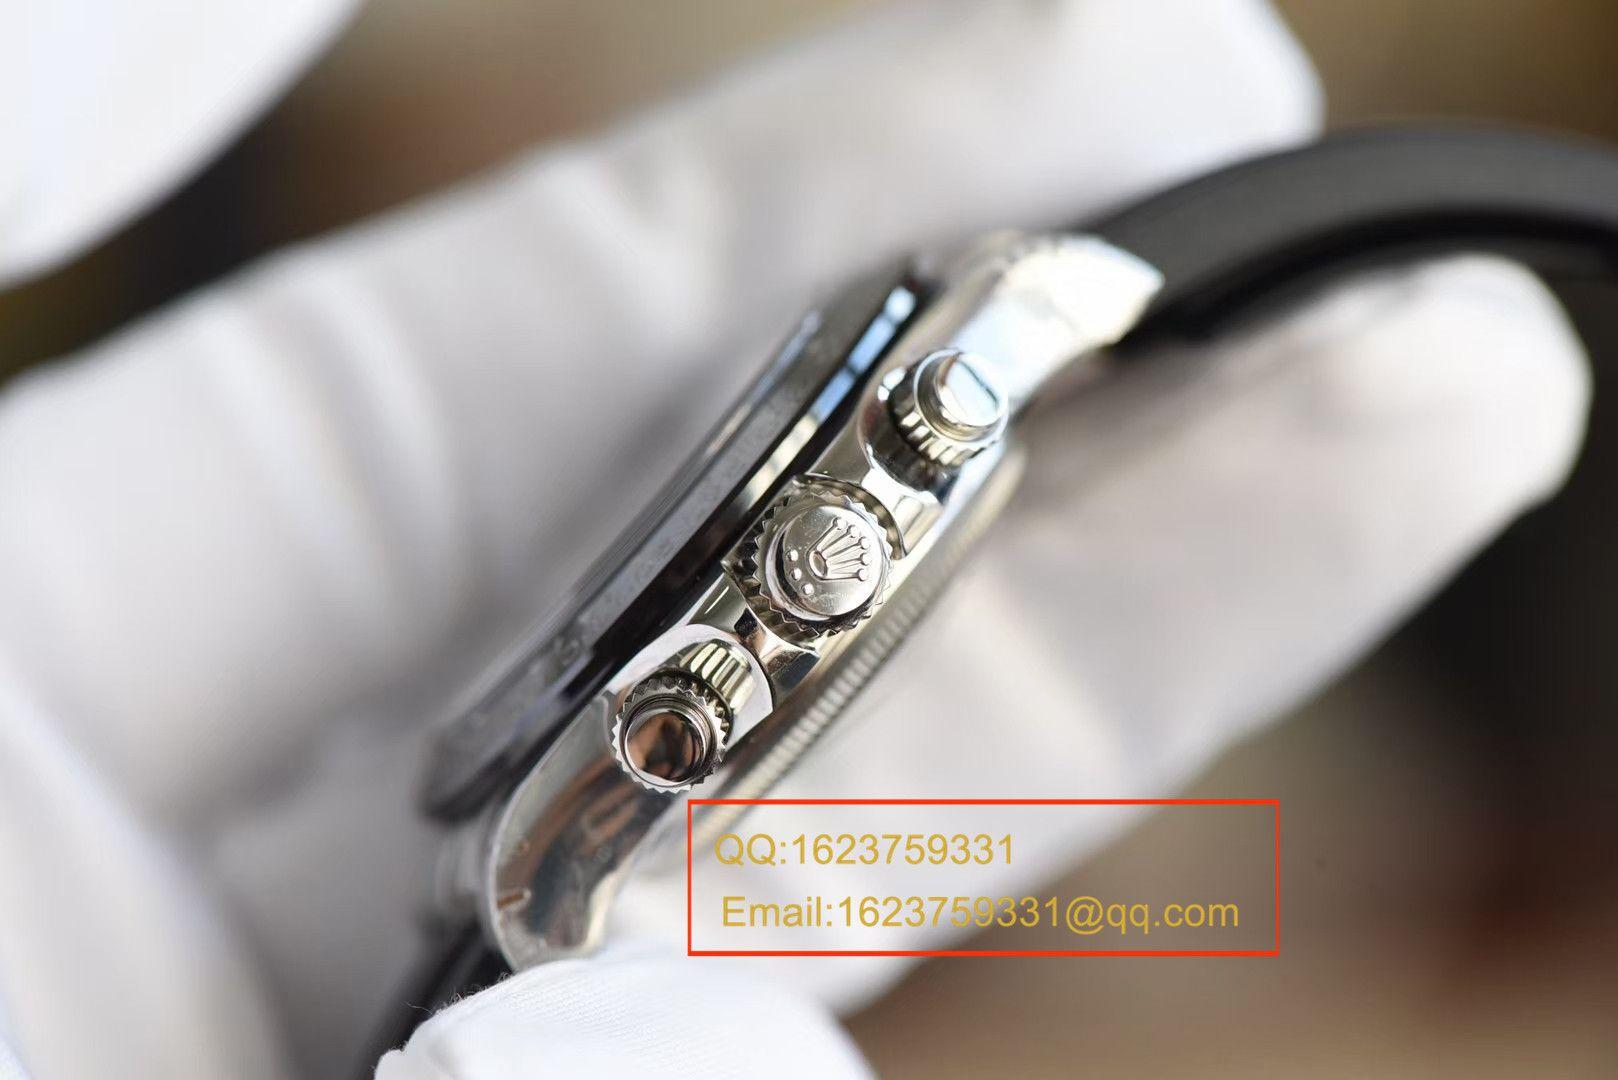 【独家视频评测台湾一比一超A高仿手表】劳力士宇宙计型迪通拿系列M116519ln-0024腕表